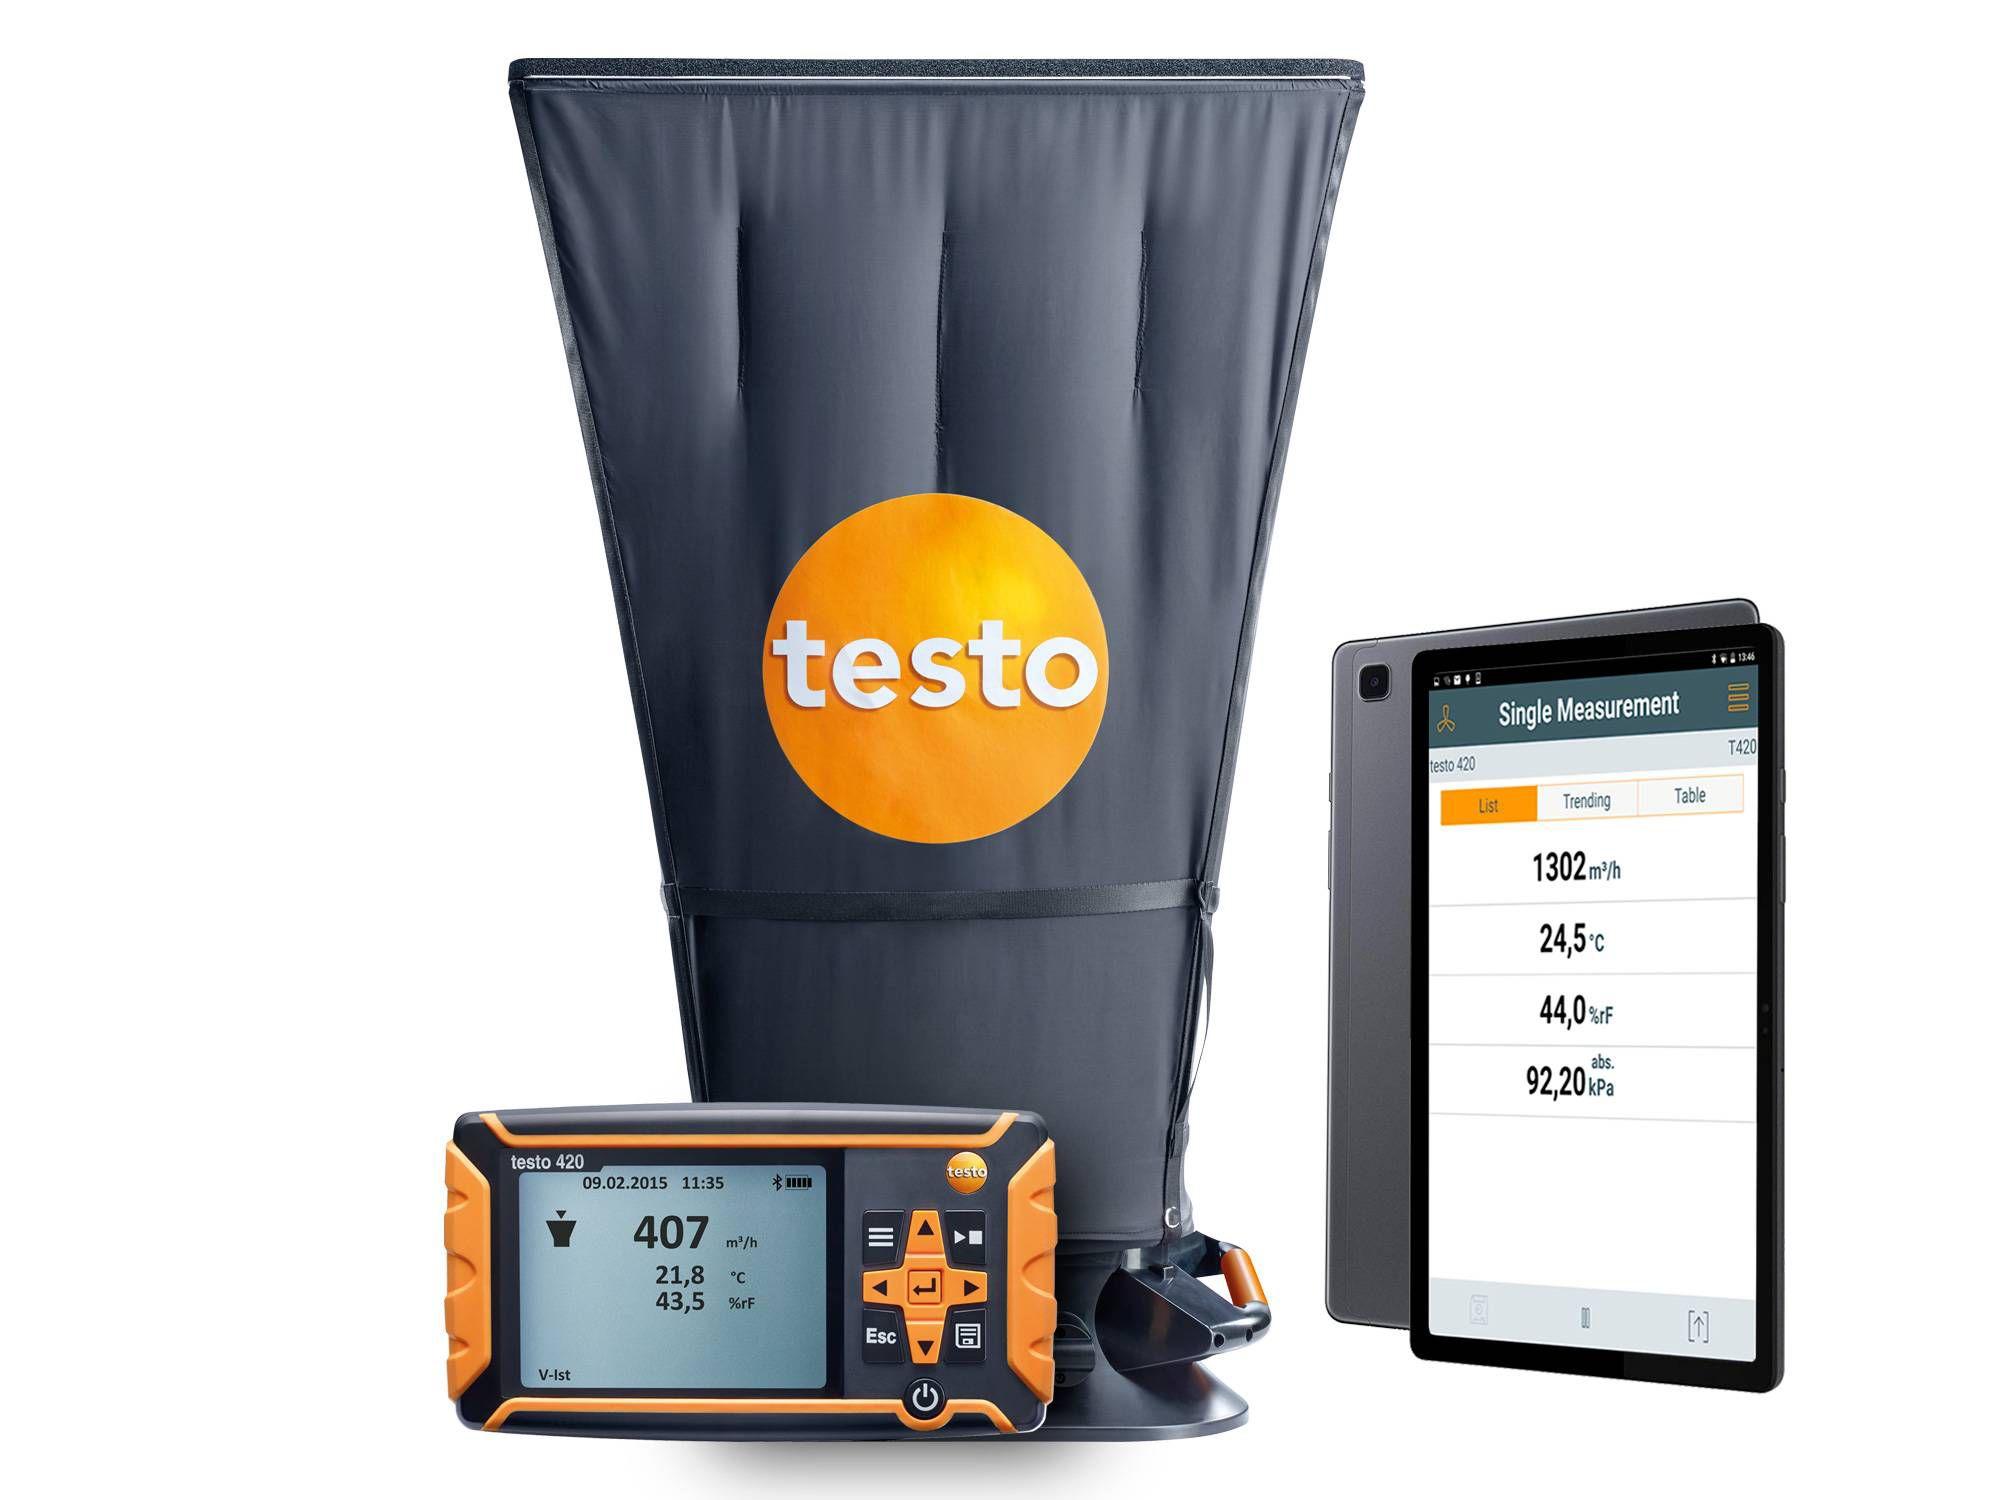 Balómetro con tablet gratis